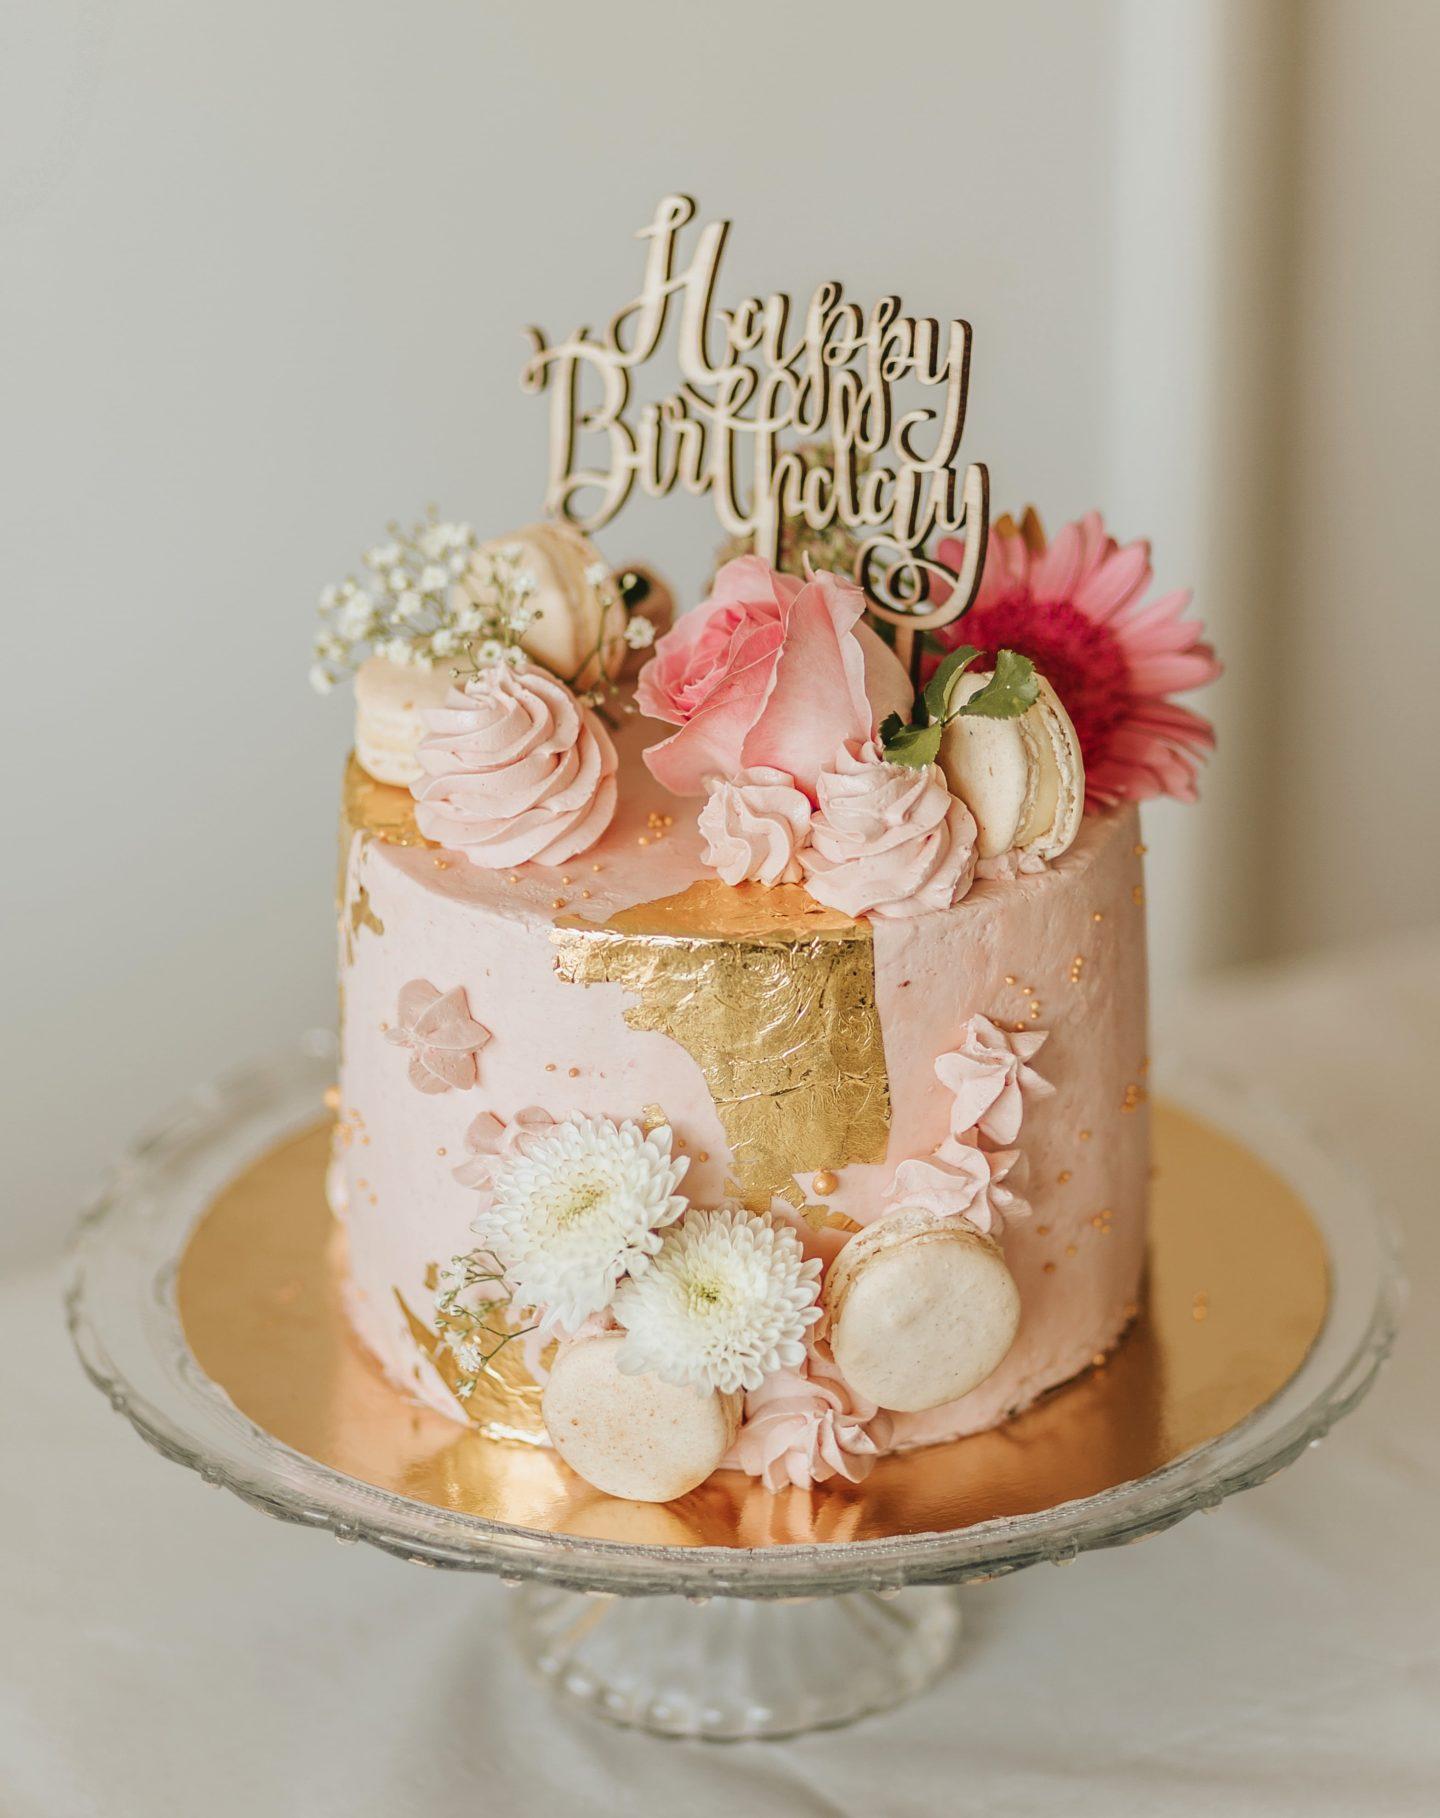 gâteau sur-mesure, création, pâtisserie, art, crème des bordelaises.